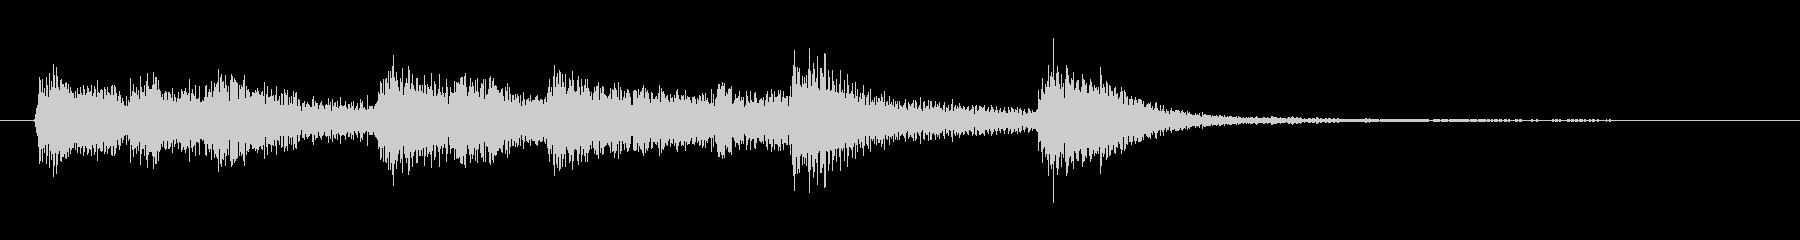 高音質♪和風出囃子ジングルヨーロッパ風の未再生の波形